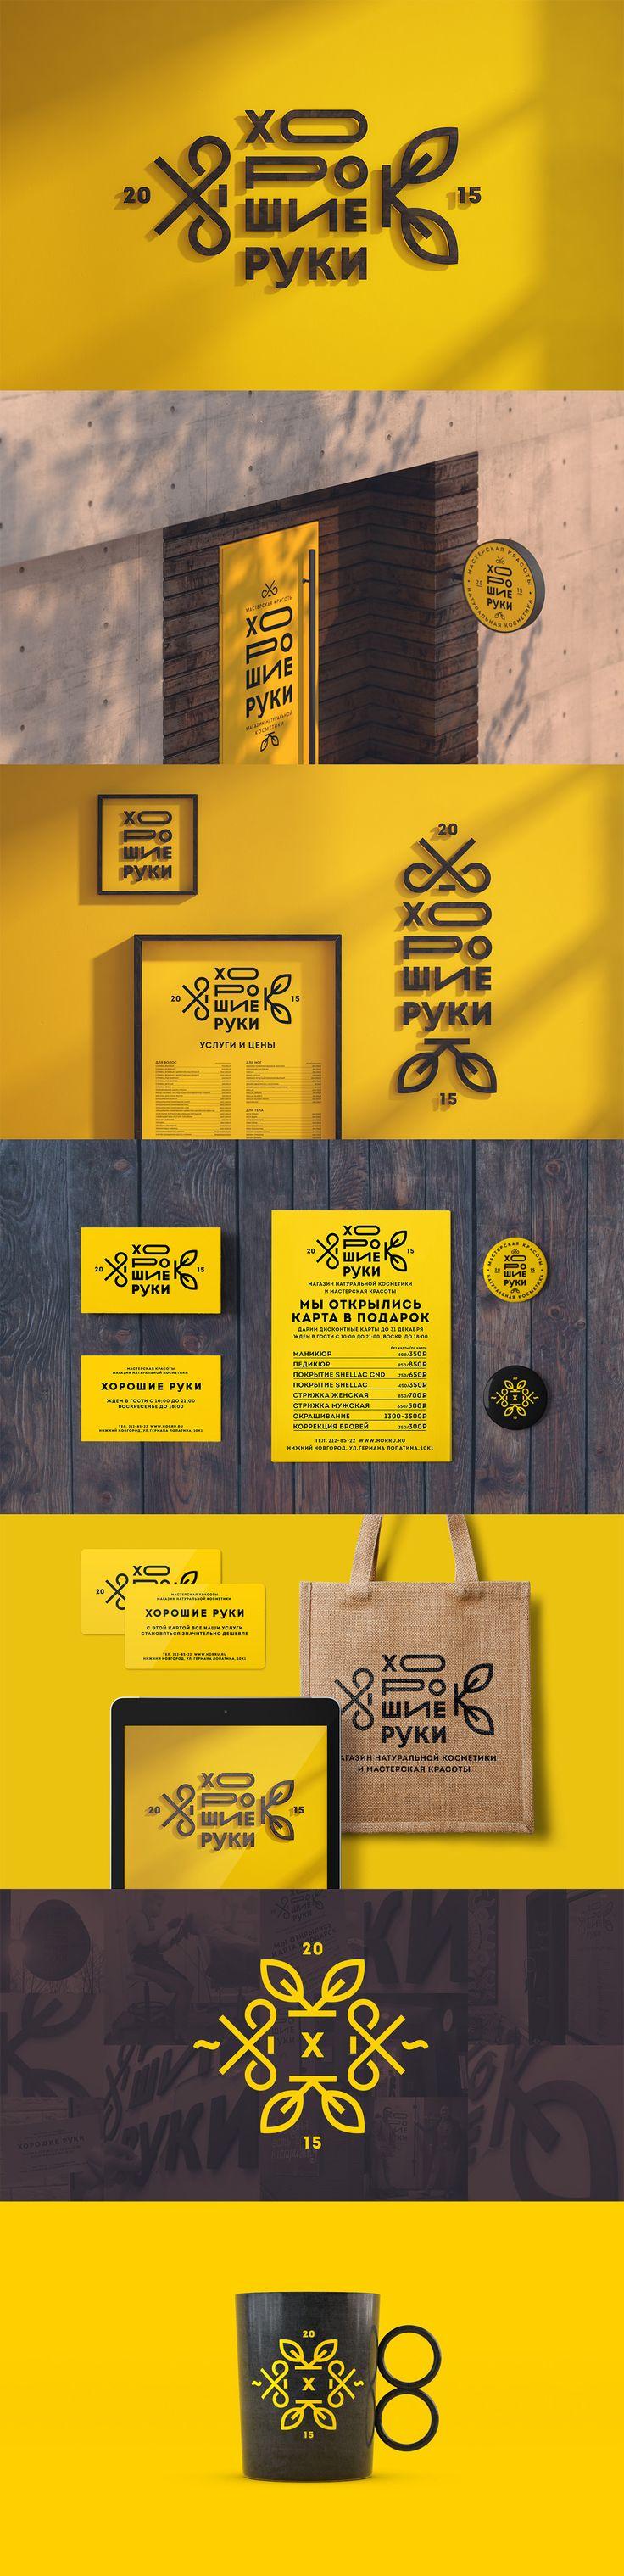 ХОРОШИЕ РУКИ – Мастерская красоты и магазин натуральной косметик, Логотип © Кирилл Кодочигов